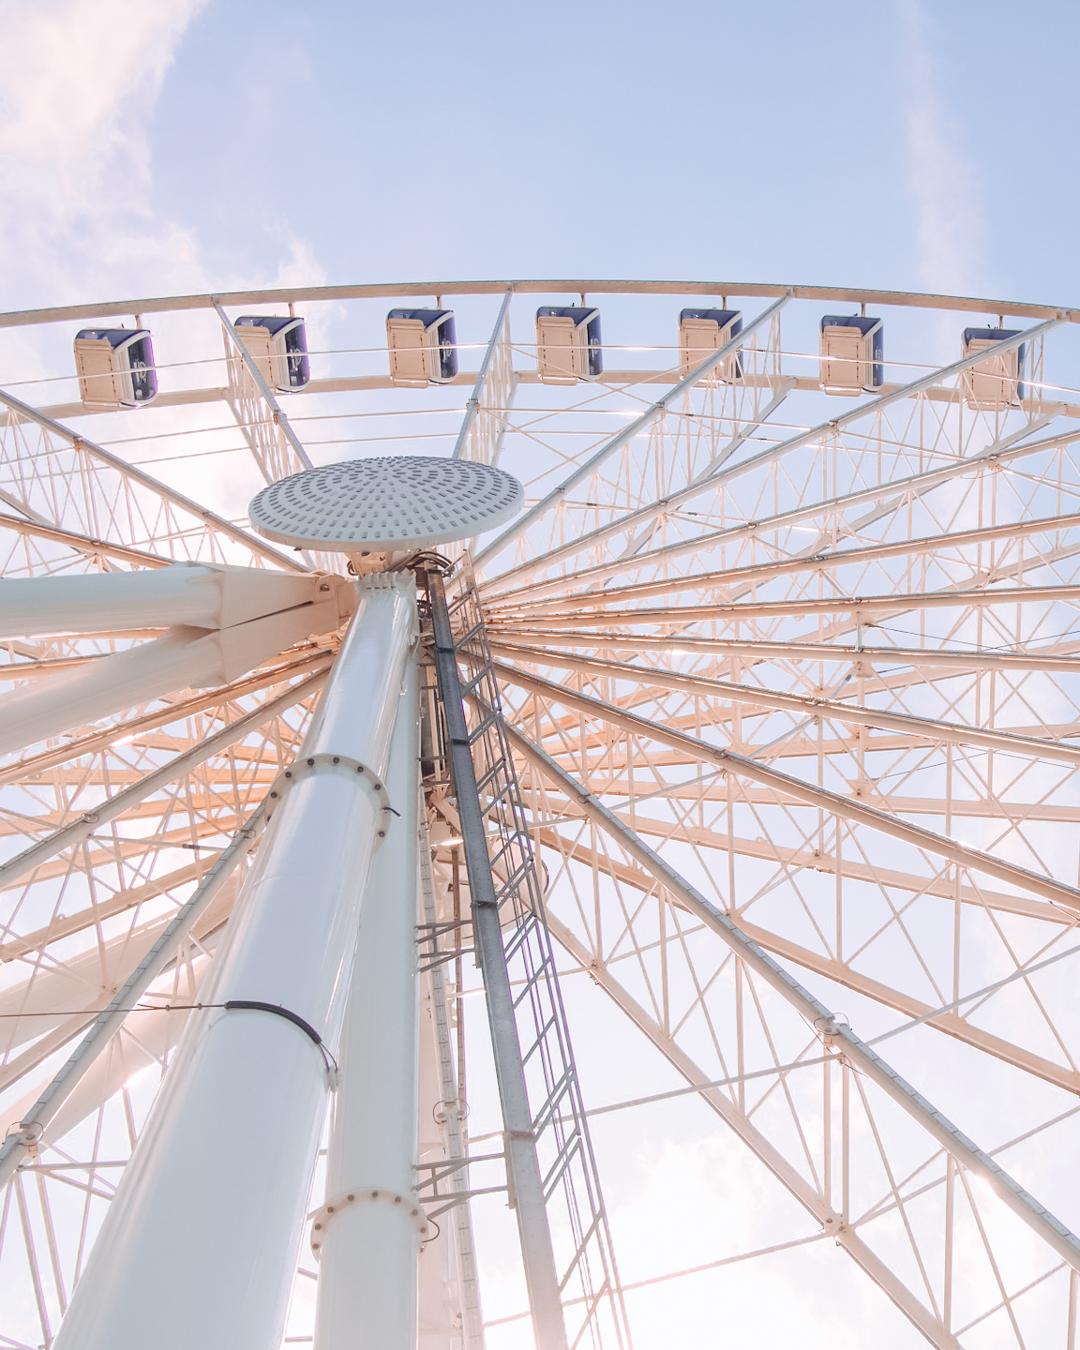 Ferris wheel in Seattle from below